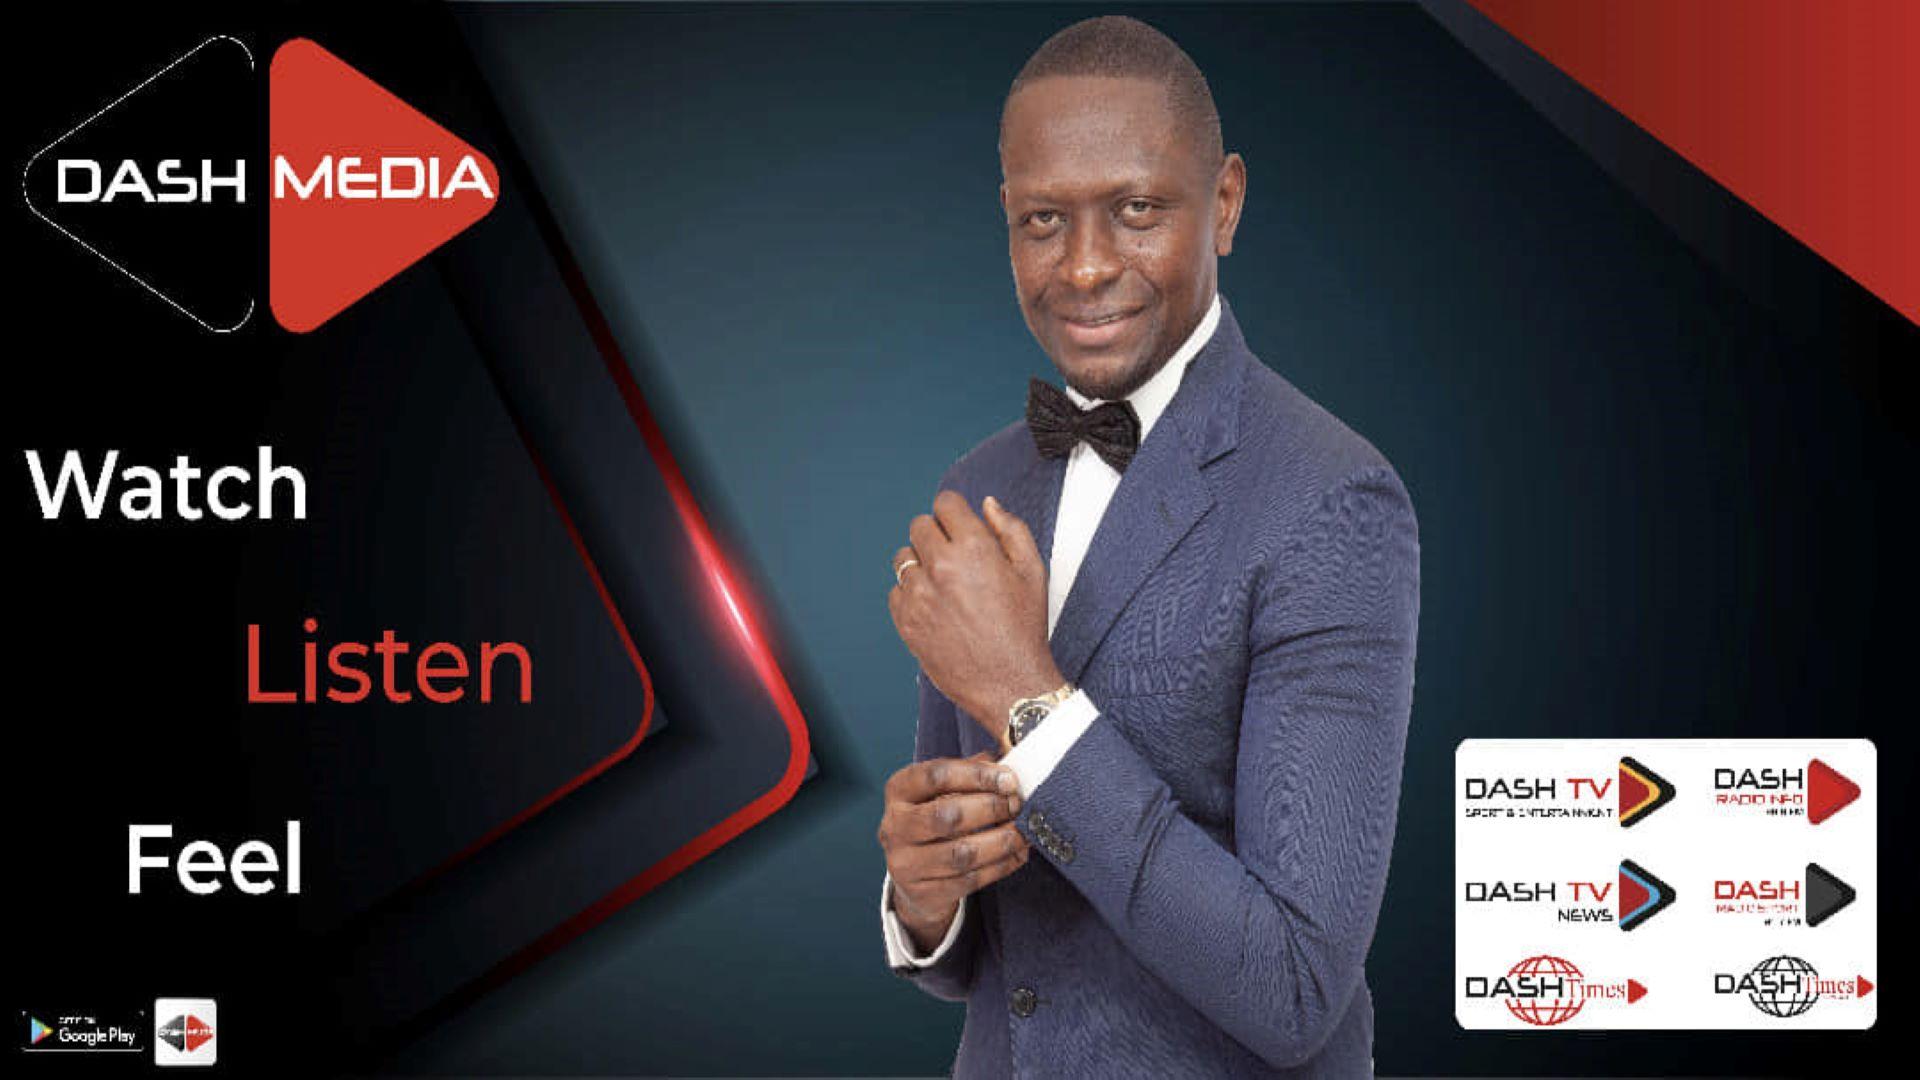 Donovan Kamga choisit Dash Média pour son come-back : « Dash Média correspond exactement à mes aspirations professionnelles »